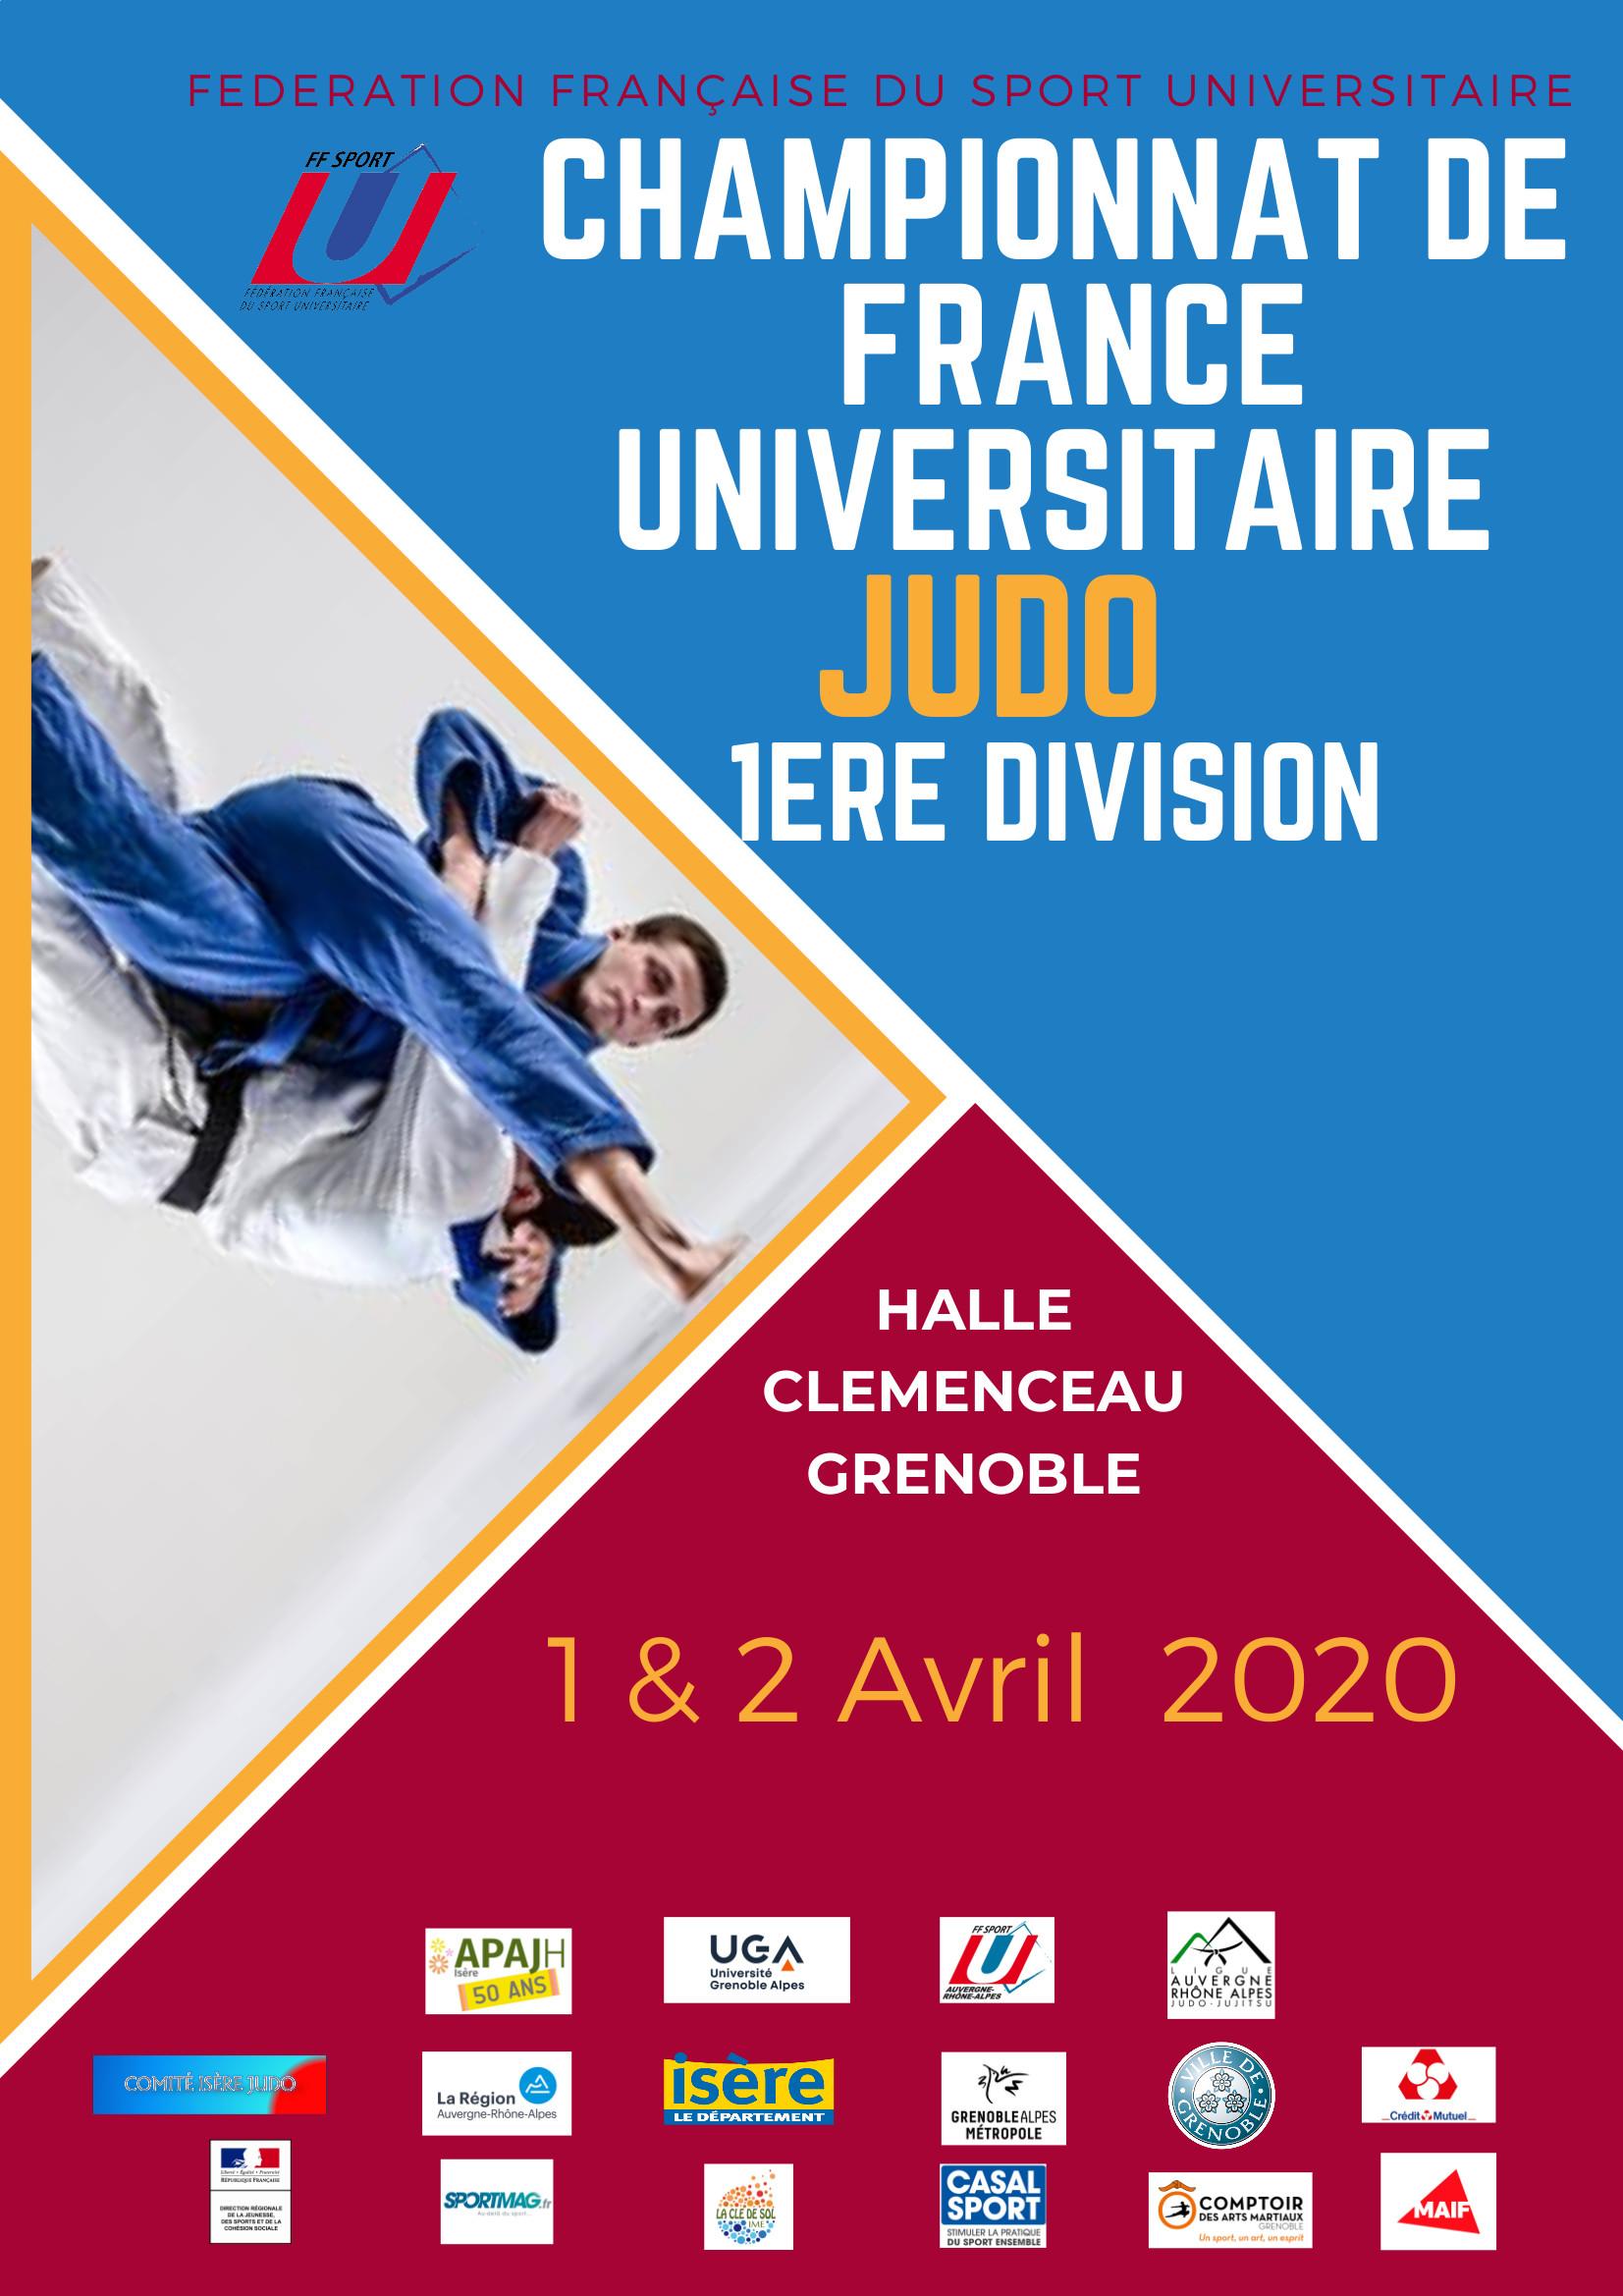 Championnat de France Judo 1ère Division